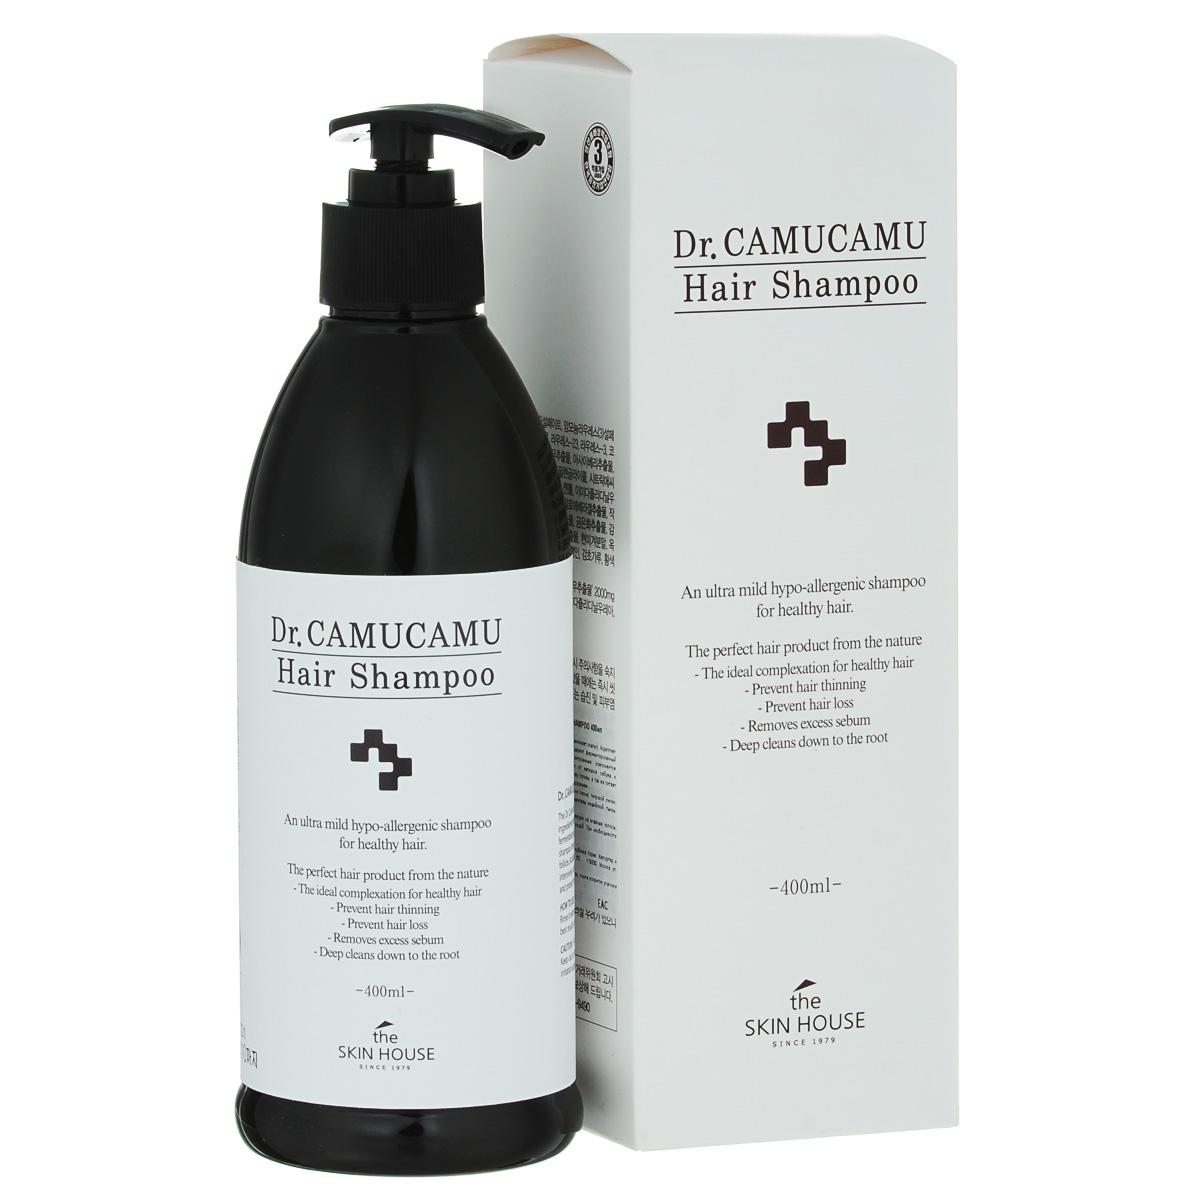 The Skin House Лечебный шампунь DR. Camucamu hair shampoo, 400 млУТ000001223Шампунь для волос эффективно борется с перхотью и оздоравливает скальп. Укрепляет и смягчает волосы, а так же успокаивает кожу головы. Содержит ферментированный экстракт рисовых отрубей, который является запатентованным компонентом TheSkinHouse. Этот экстракт увлажняет, очищает скальп от излишков себума и контролирует перхоть. Натуральный очиститель освежает кожу головы, а так же питает волосы от корней до самых кончиков, делая их красивыми и здоровыми.Содержит комплекс таких ингредиентов, как экстракты корня пиона, тигровой лилии, цветков лотоса, цветков жимолости японской, цветков хризантемы индийской, тыквы, листьев алоэ барбаденсис, ягод асаи и плодов мирциарии.